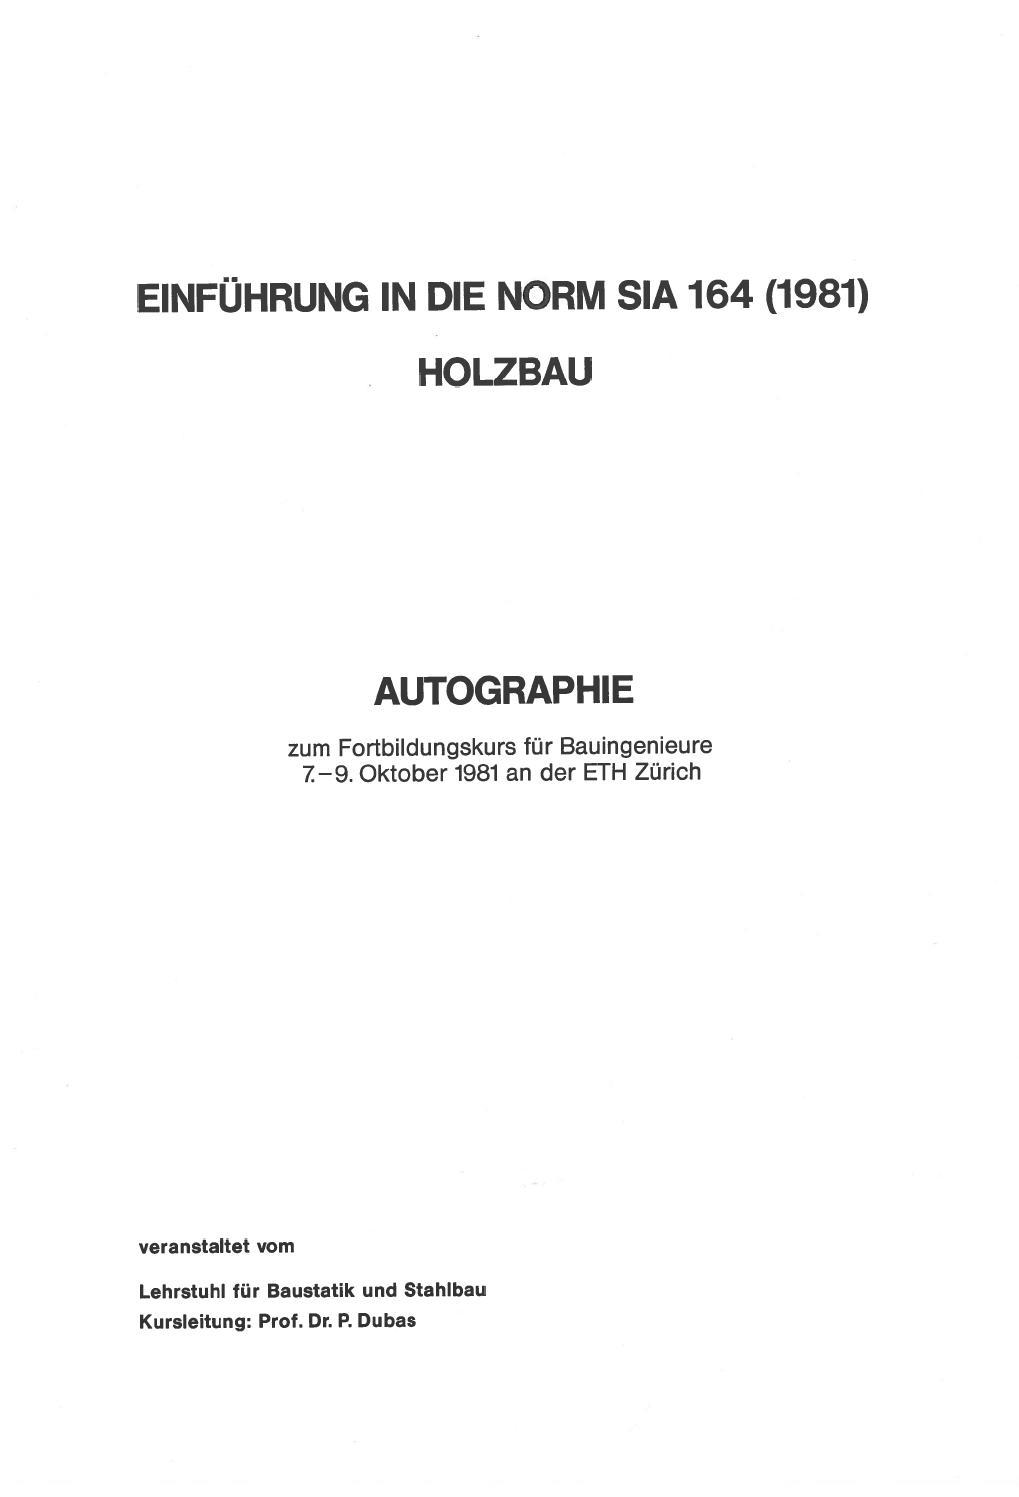 Einführung in die Norm SIA 164 (1981) Holzbau by Lignum - issuu